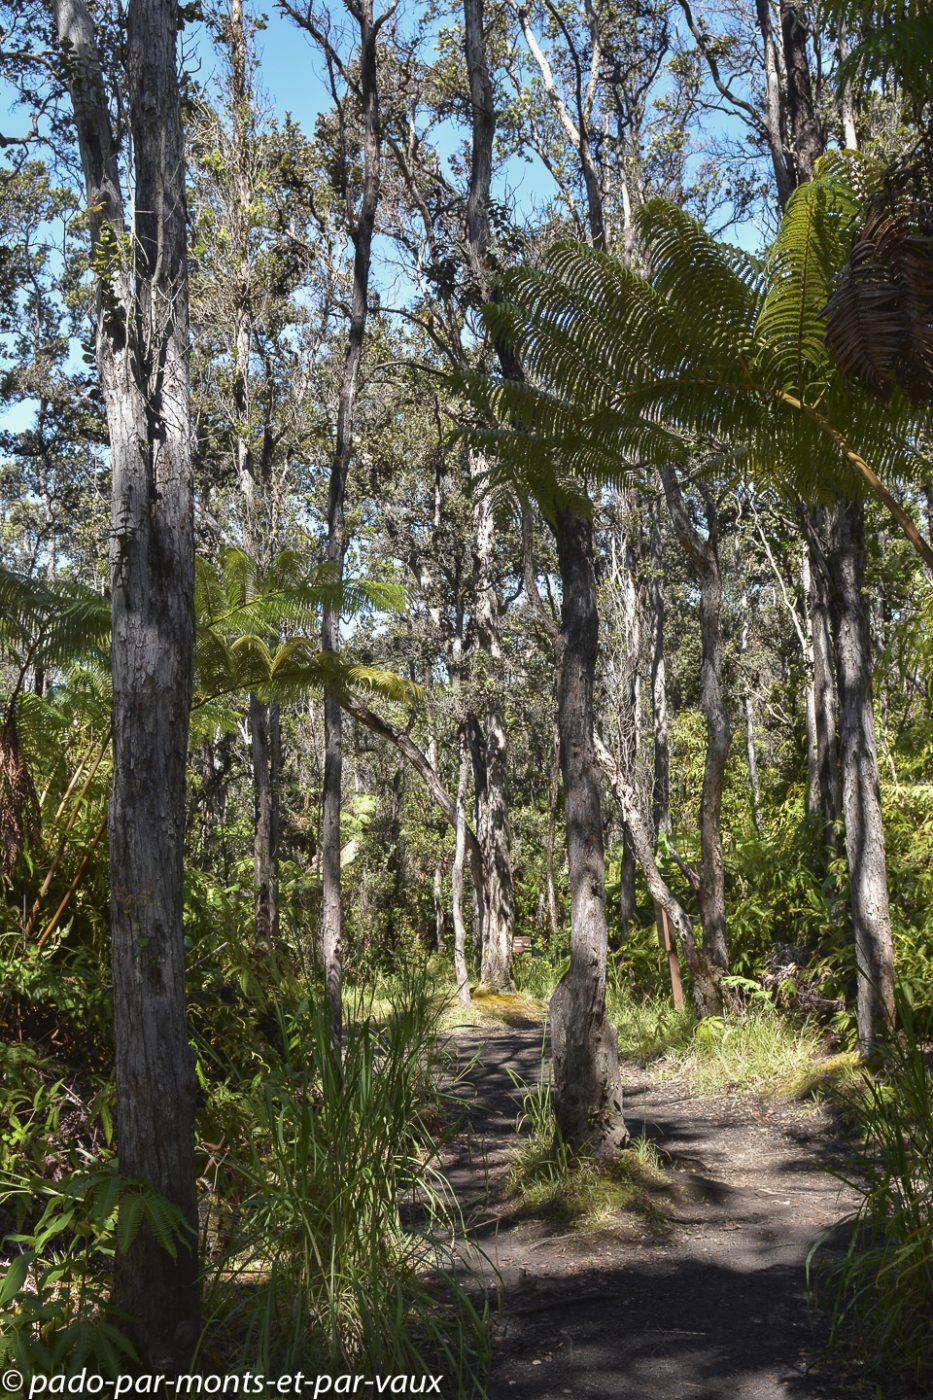 Big Island - Kilauea Iki trail